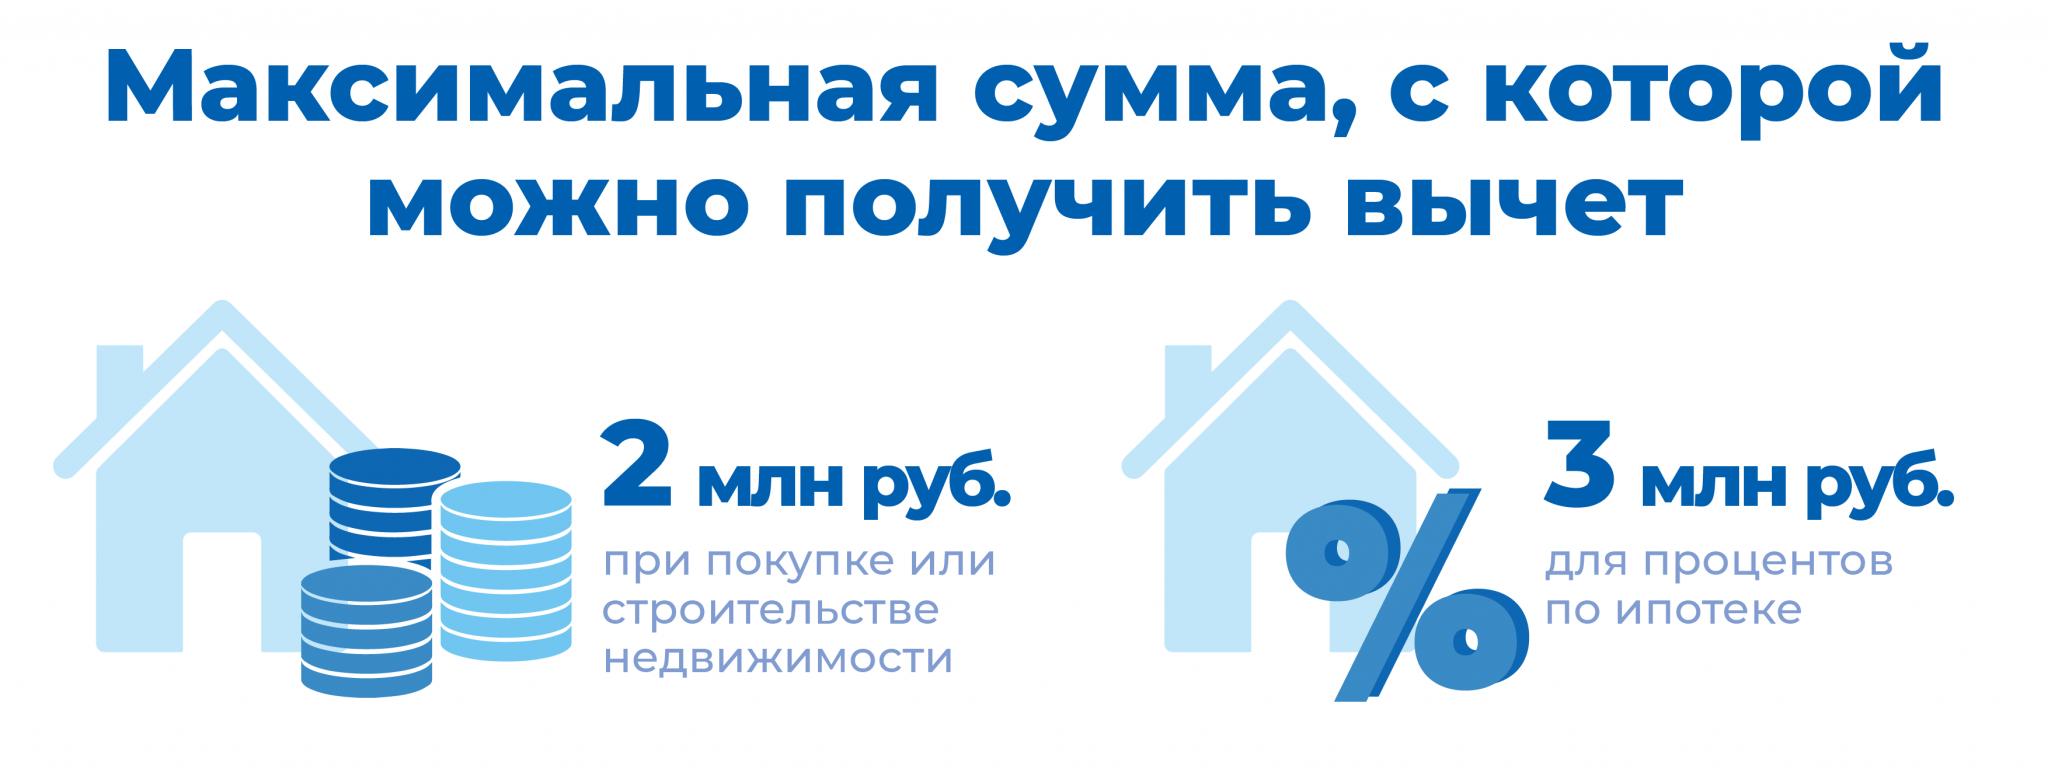 Как получить налоговый вычет за квартиру, купленную в ипотеку